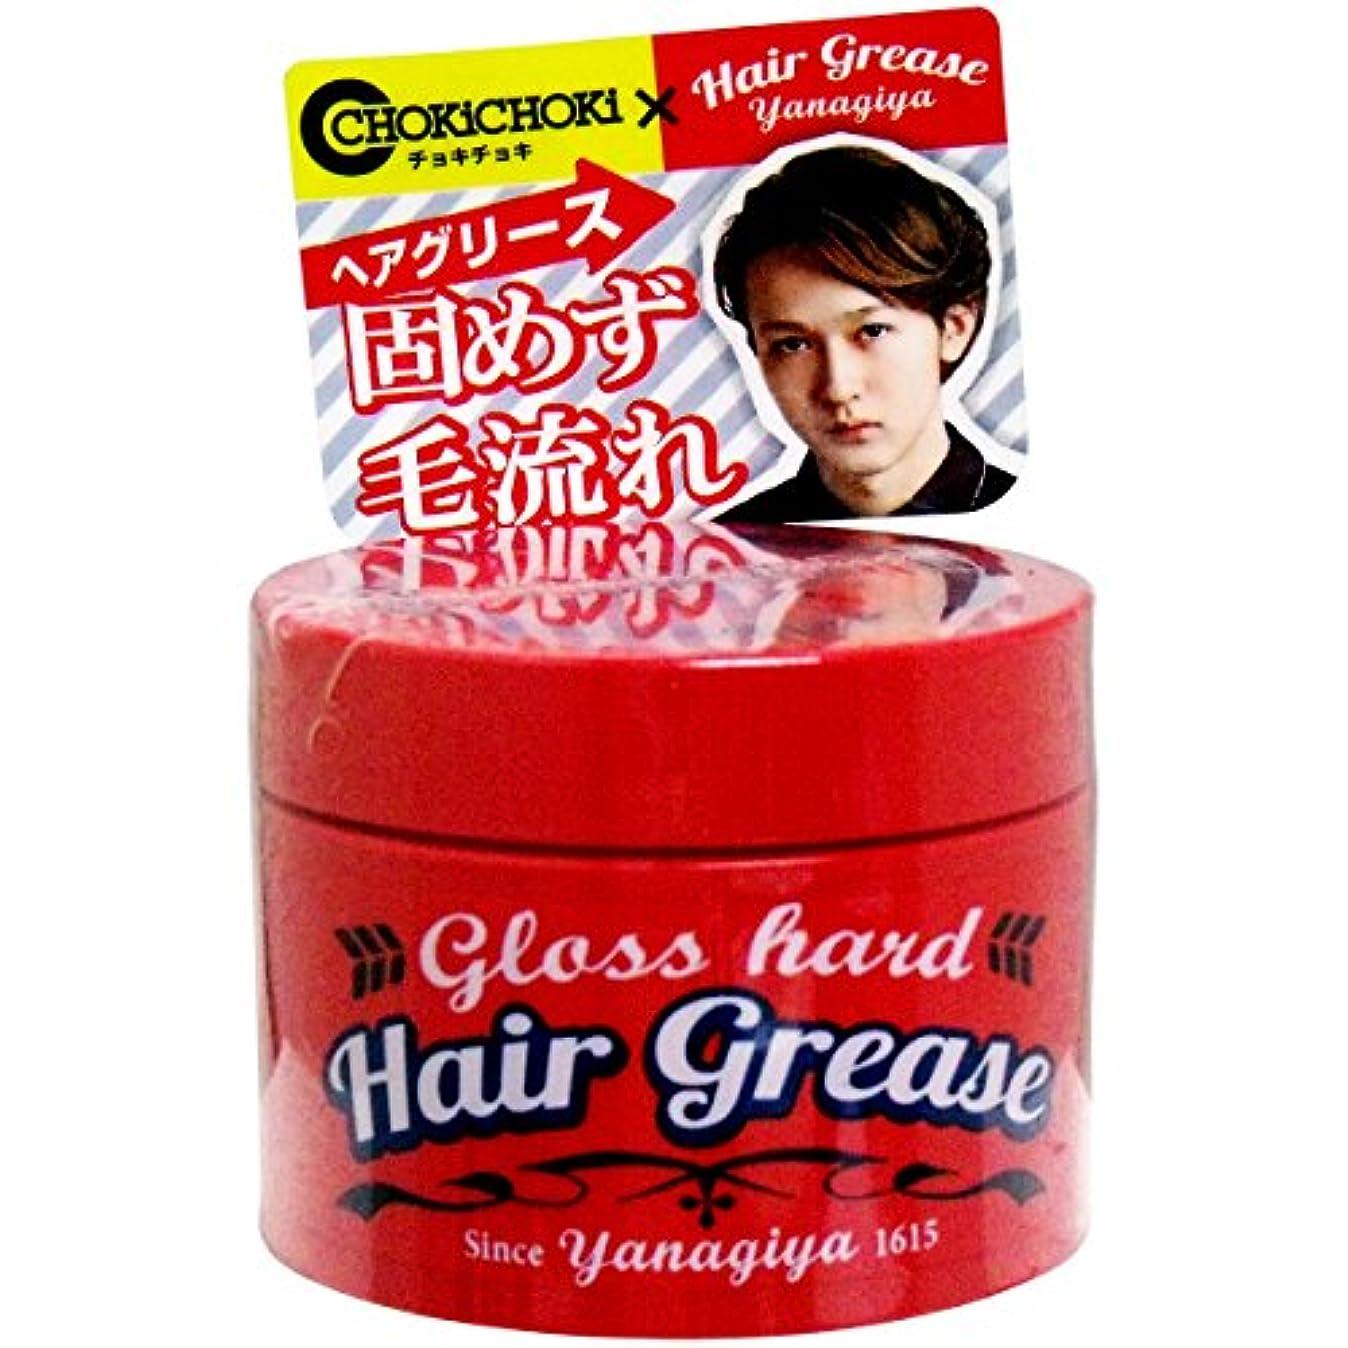 あいさつ歌うキャンプヘアワックス 固めず毛流れ 使いやすい YANAGIYA ヘアグリース グロスハード 90g入【4個セット】